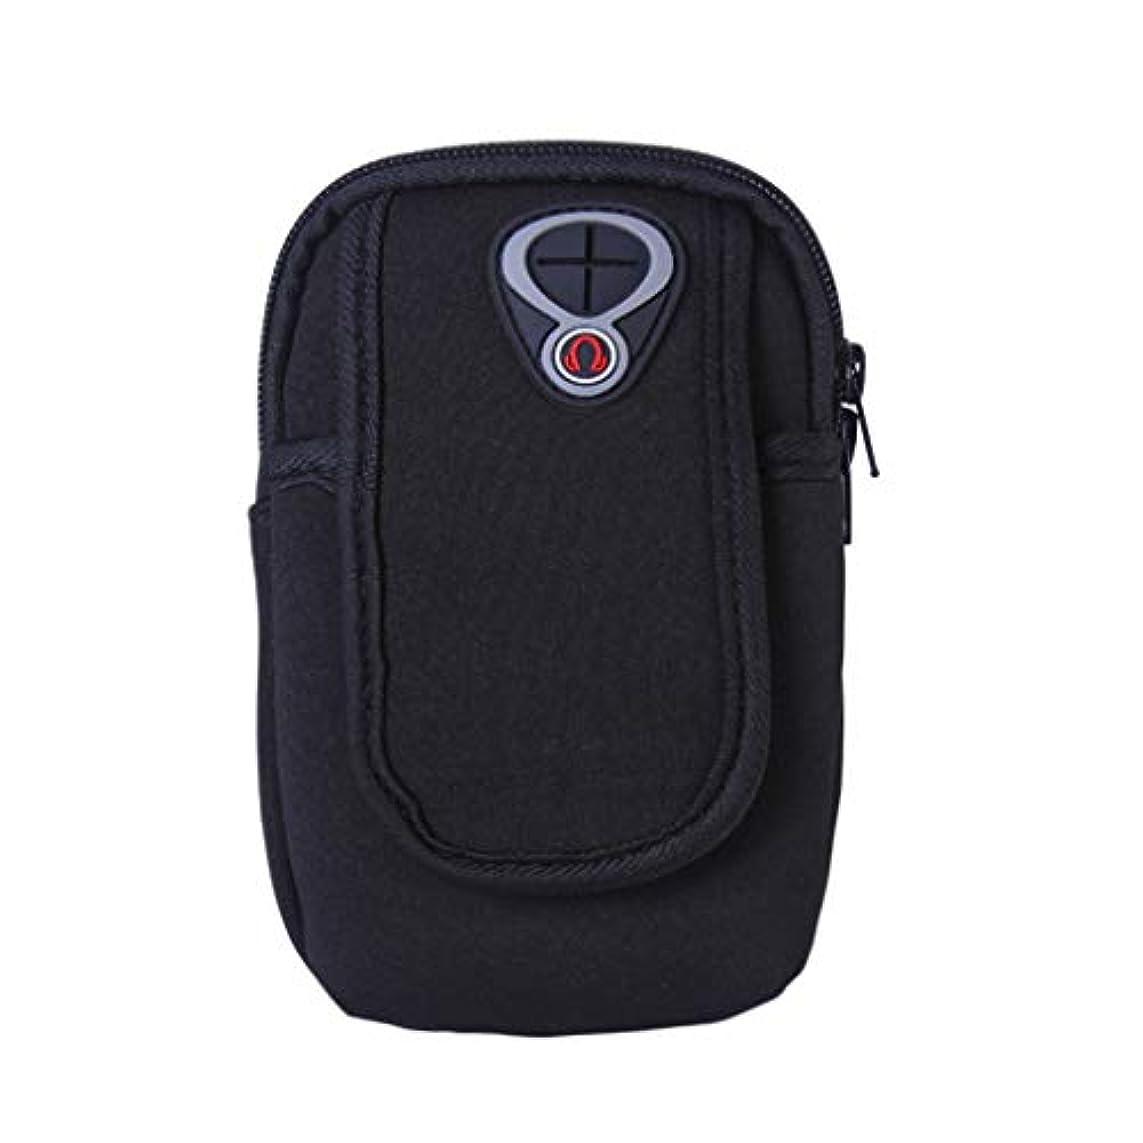 遠い警告緯度スマートフォンホルダー 携帯ケース YOKINO 通気性抜群 小物収納 防水防汗 軽量 縫い目なし 調節可能 男女共用